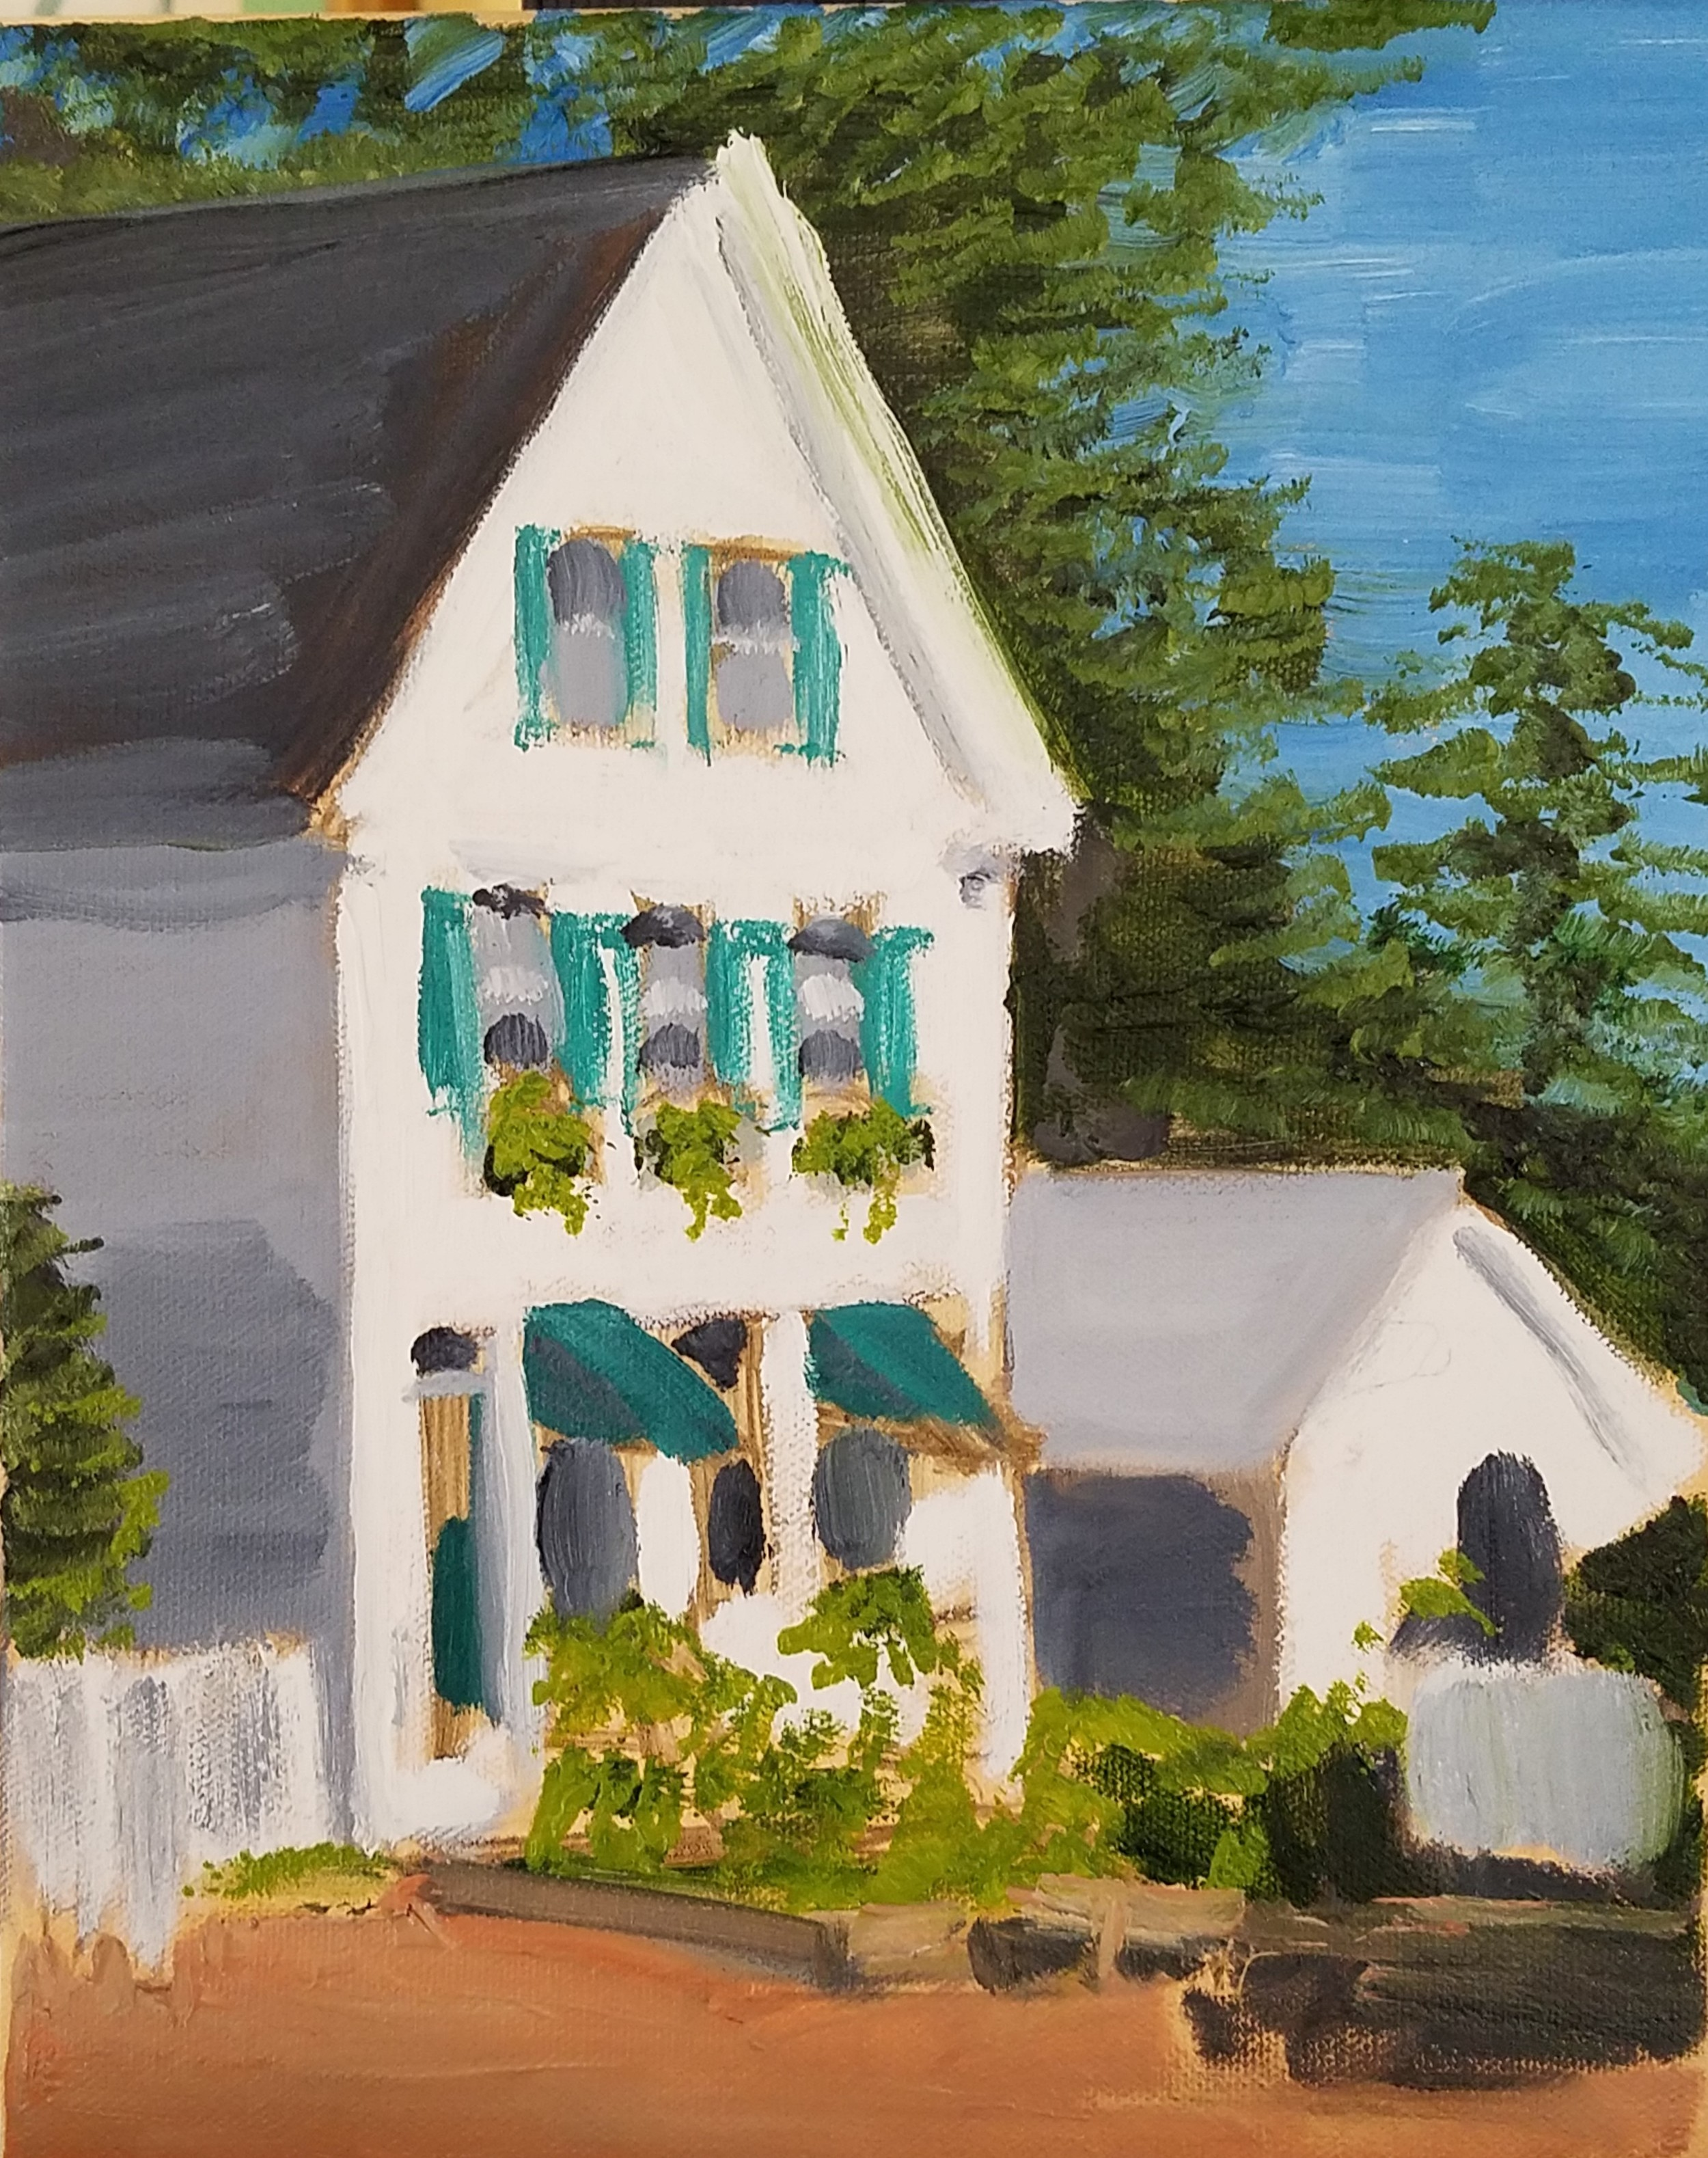 House in Somesville, Mt Desert Island - in progress